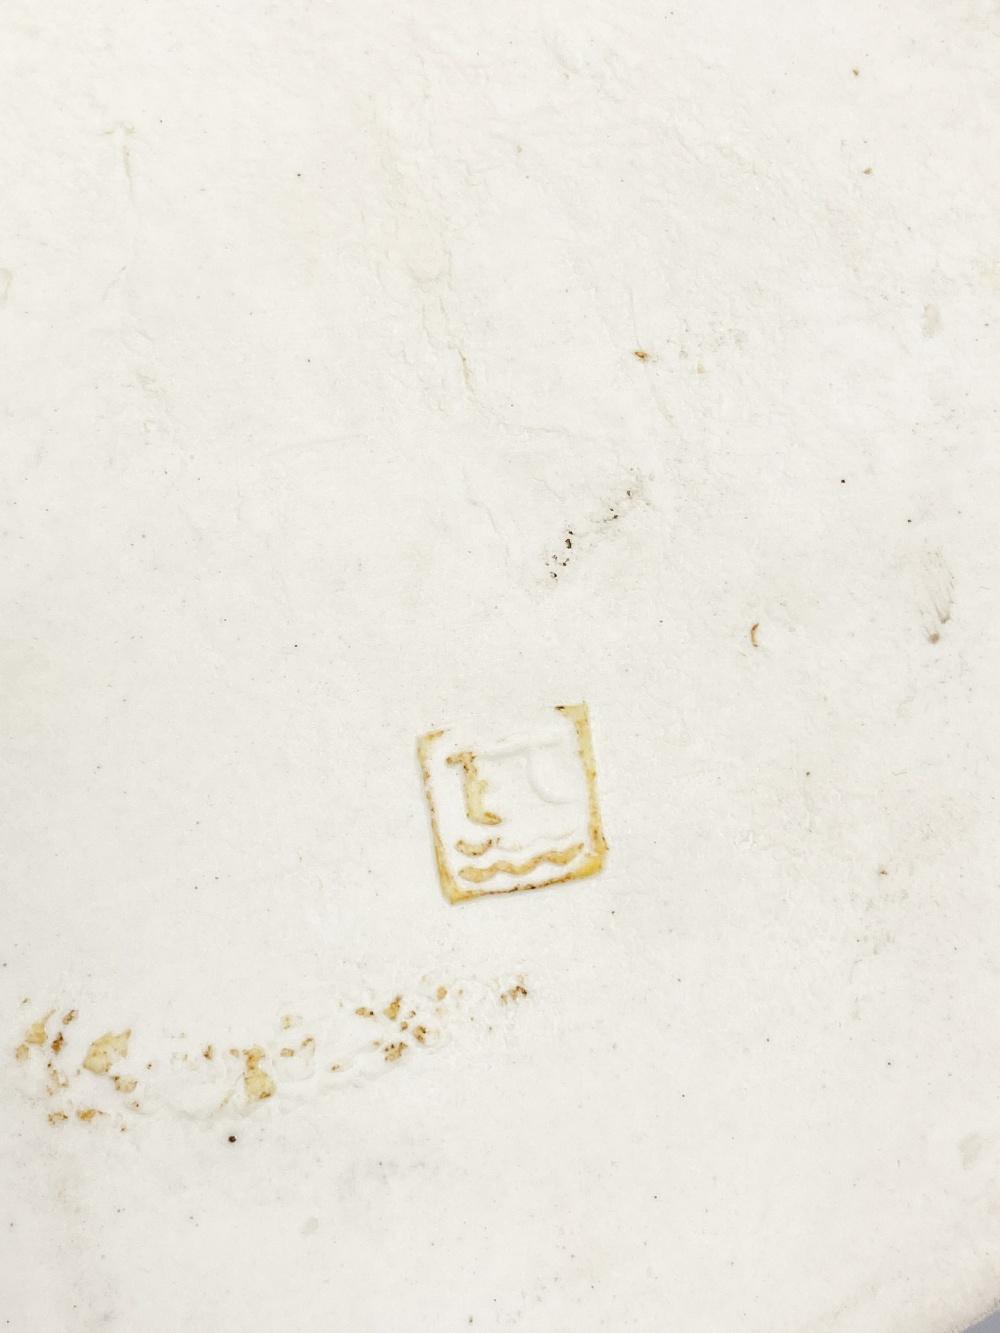 EILEEN LEWENSTEIN (1925-2005); an oval tapered porcelain vase covered in mottled ochre glaze, - Image 5 of 5